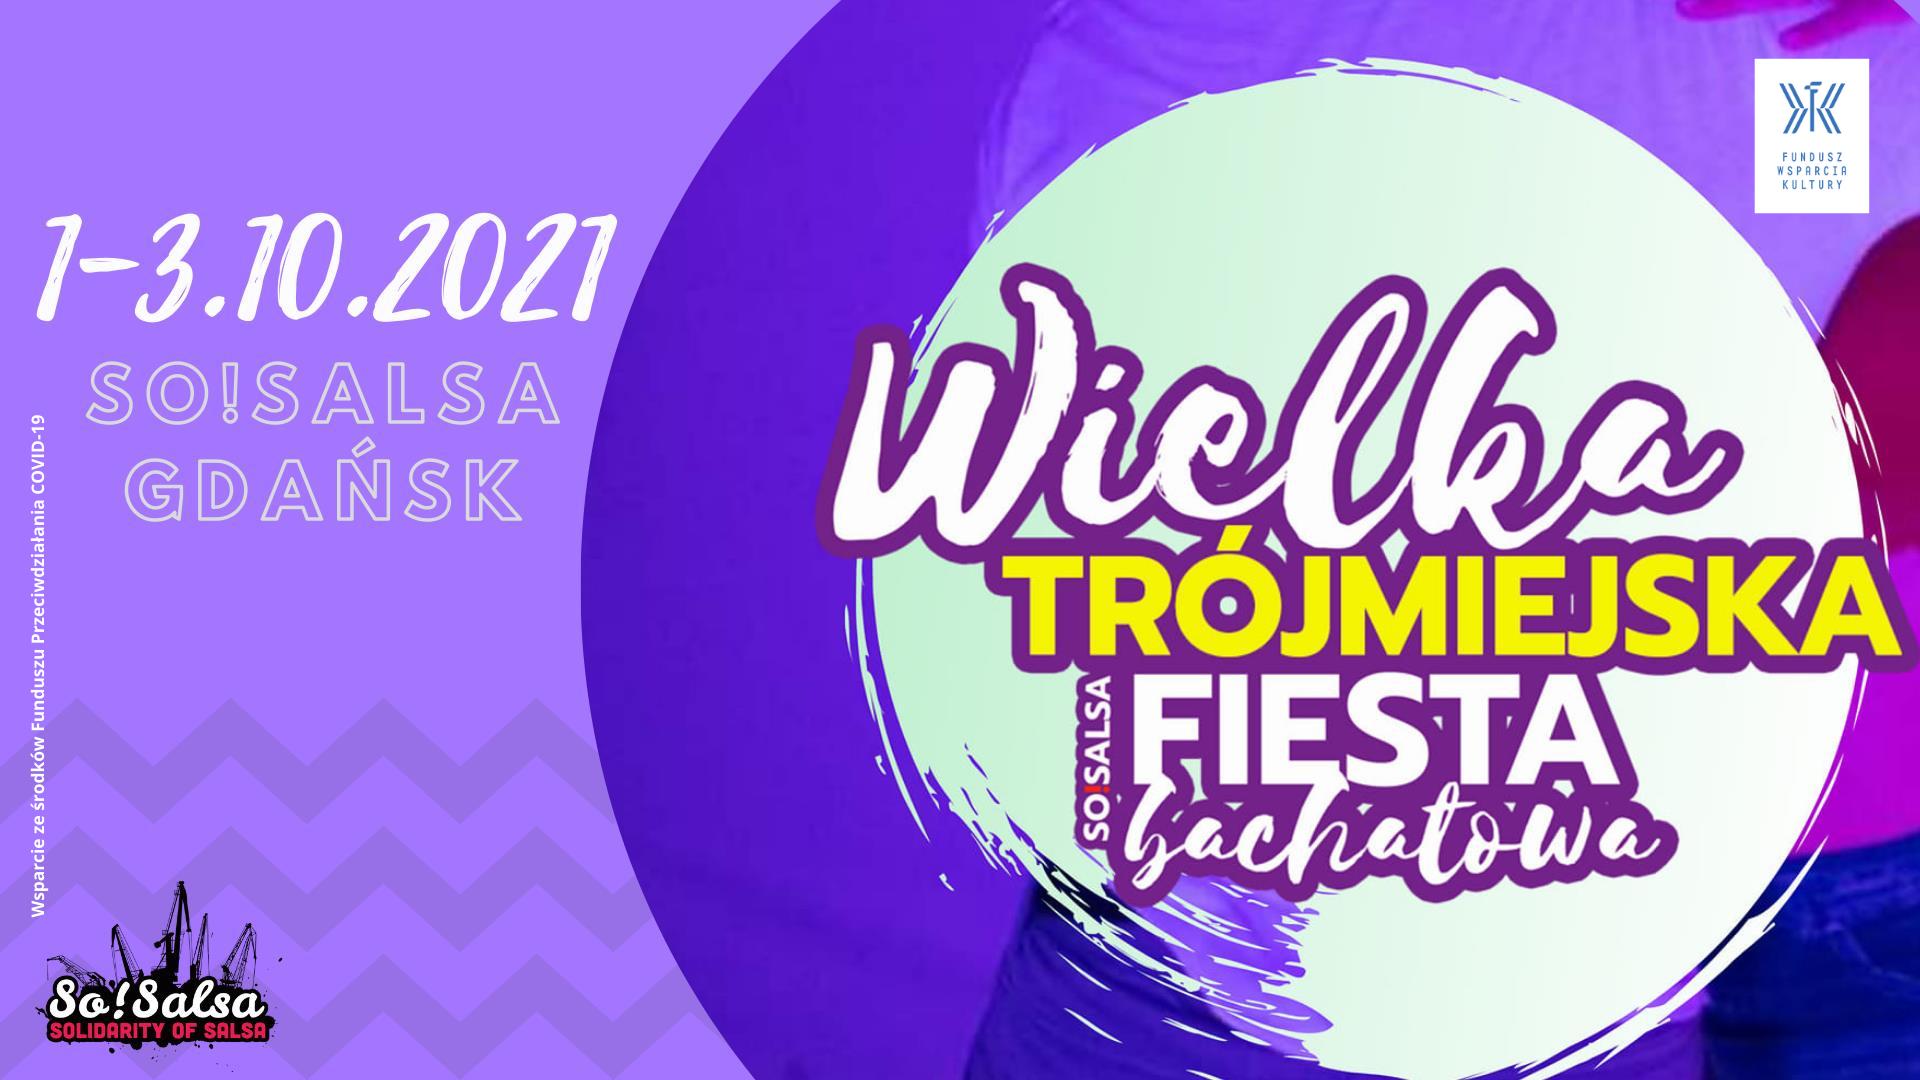 Wielka Trójmiejska Fiesta Bachatowa 2021